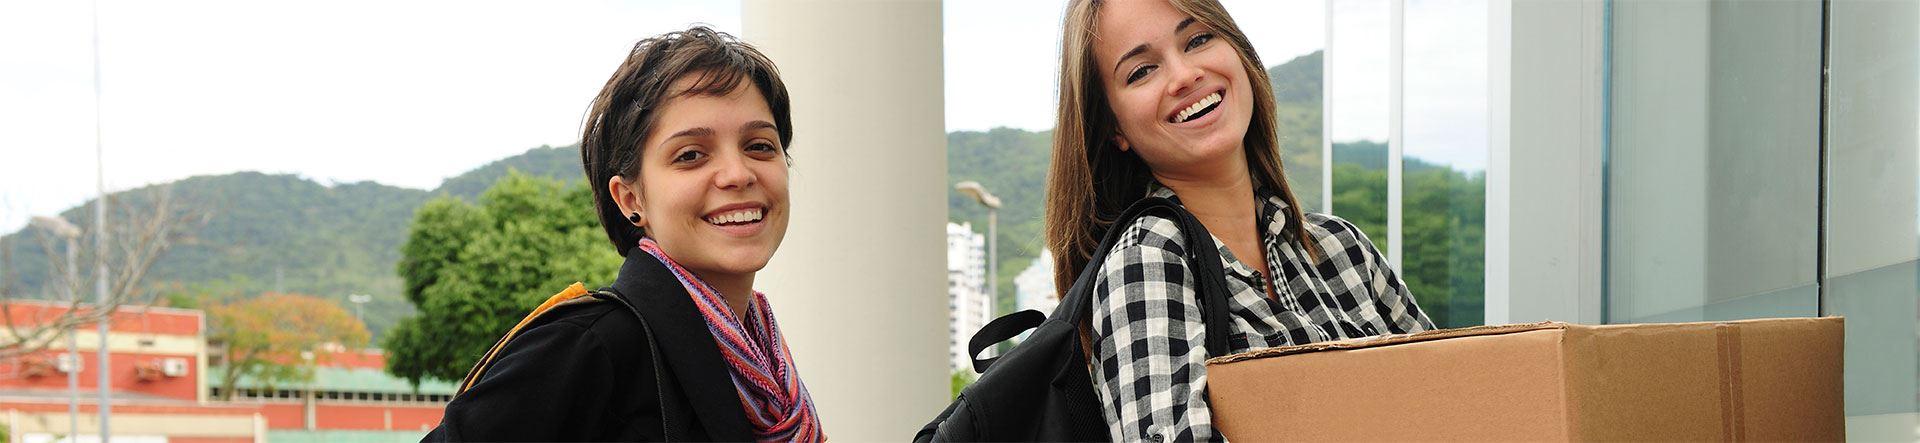 duas mulheres jovens brancas sorridentes com caixas e malas de mudança